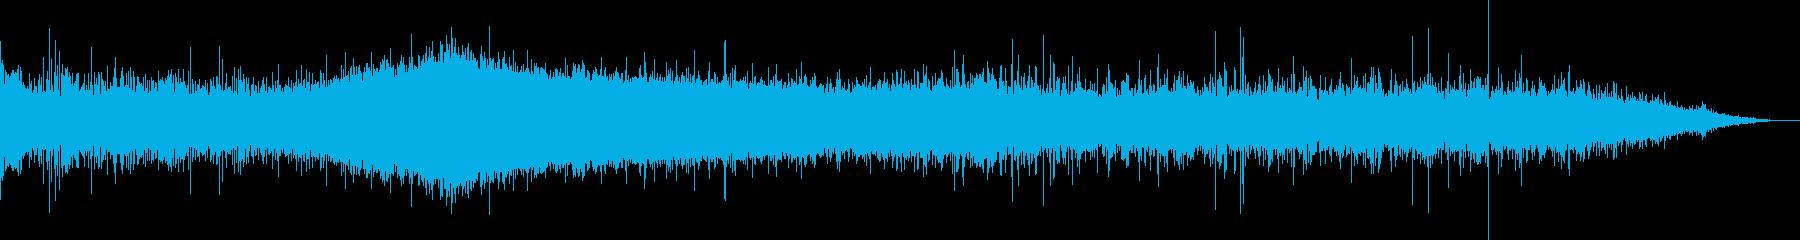 ピピピ…鳥の鳴き声、川、車の通過音の再生済みの波形